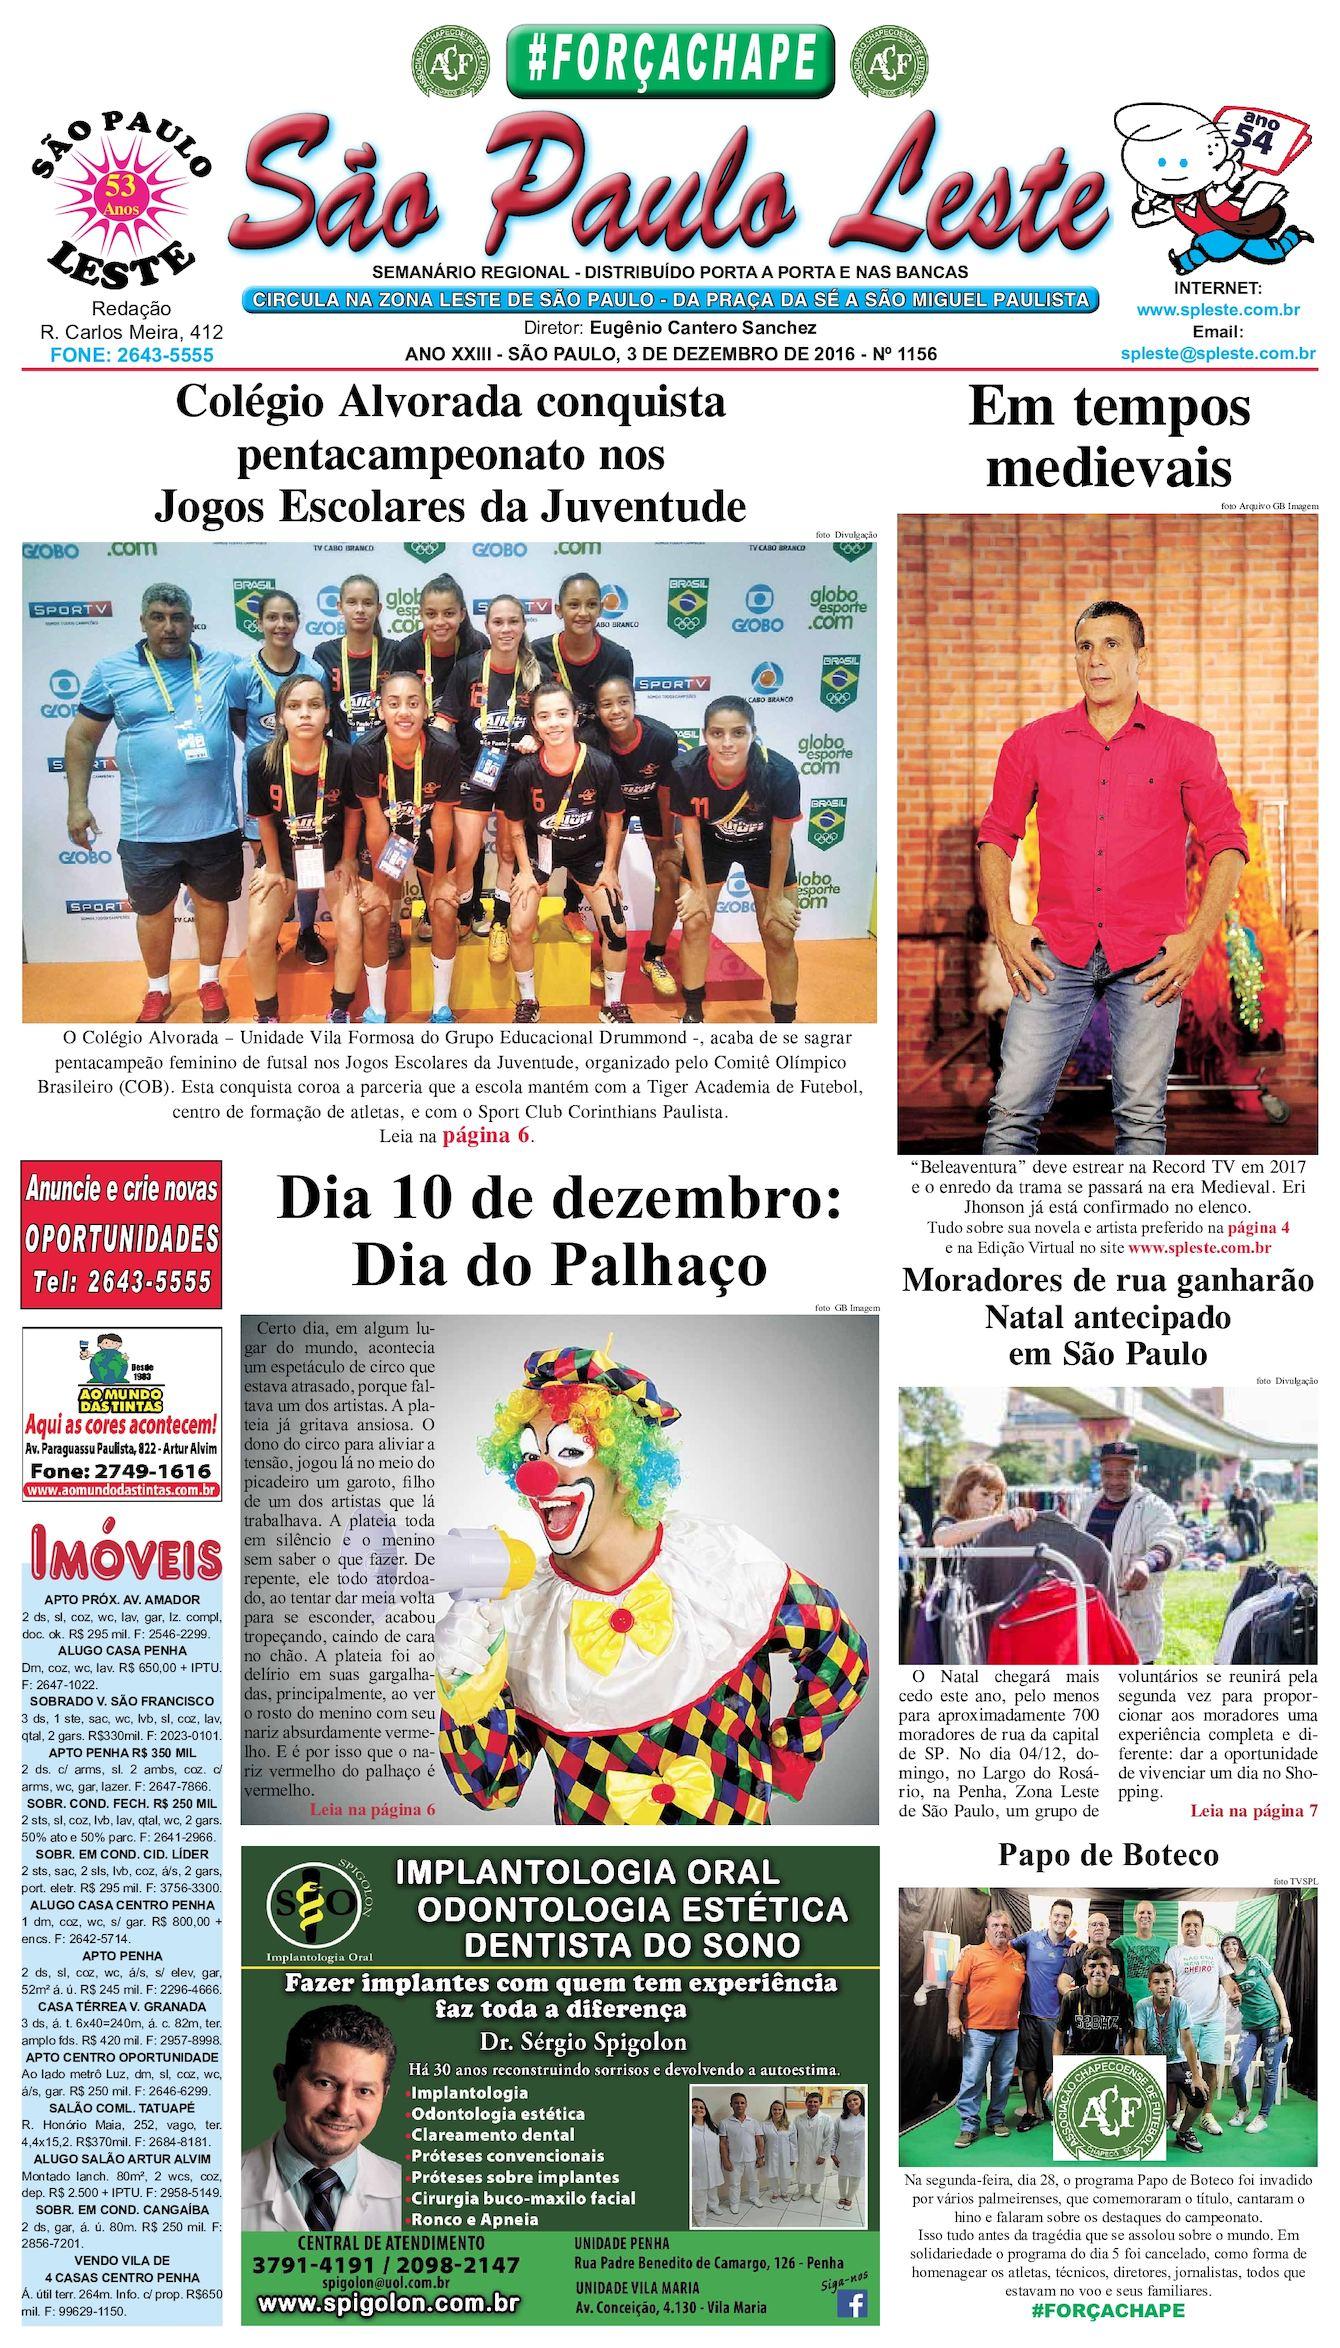 Calaméo - São Paulo Leste edição 1156 - 03.12.16 0291df7d3a